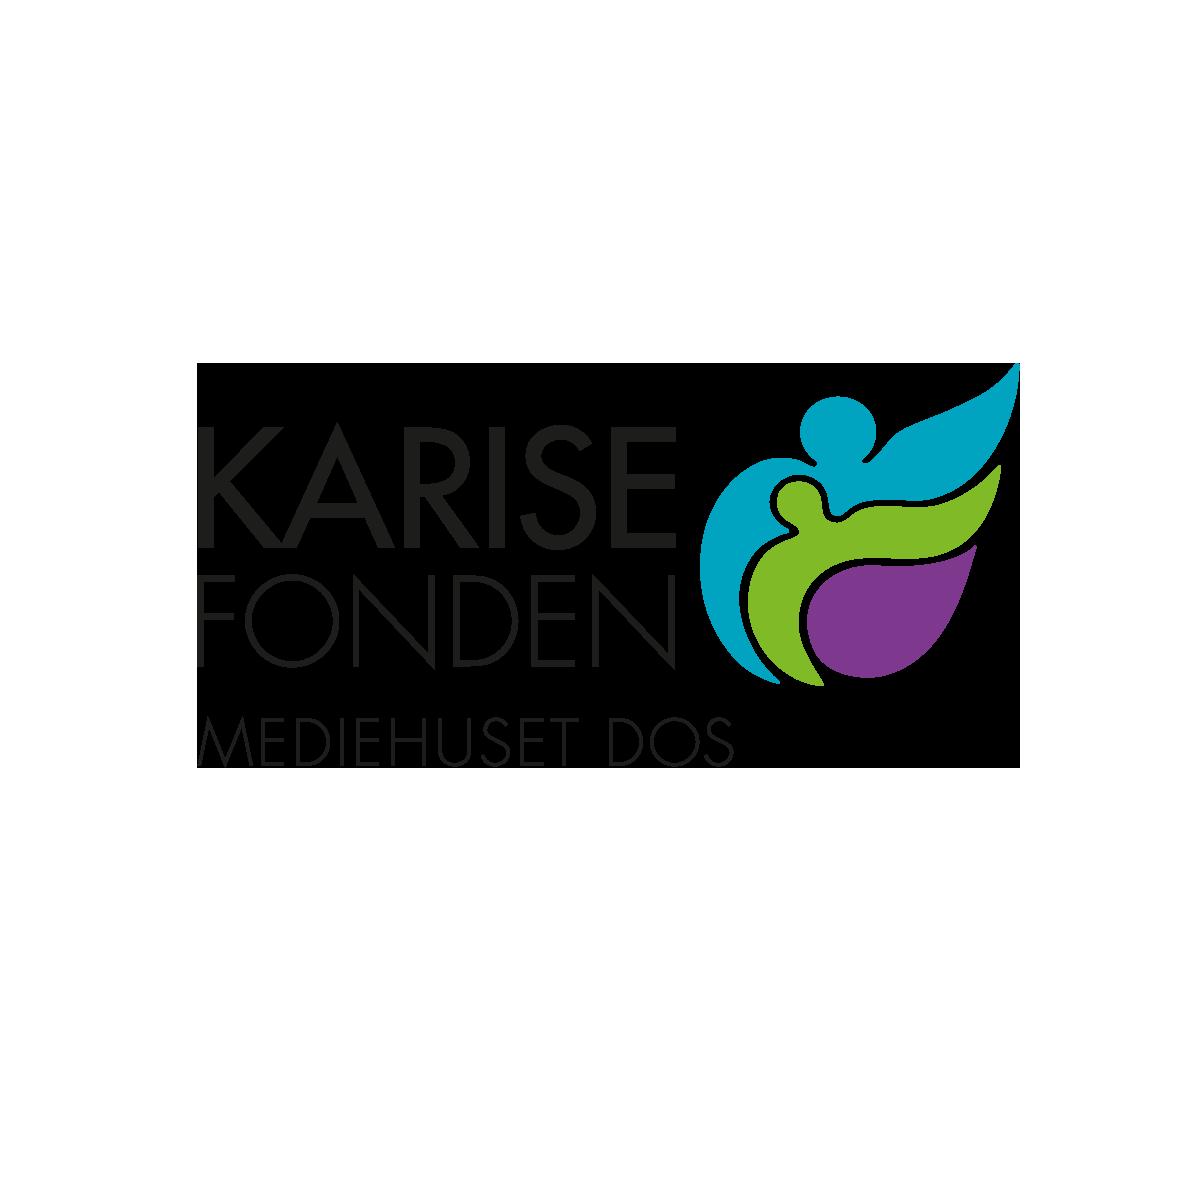 KariseFonden_Logo_RGB_MediehusetDOS_Lille